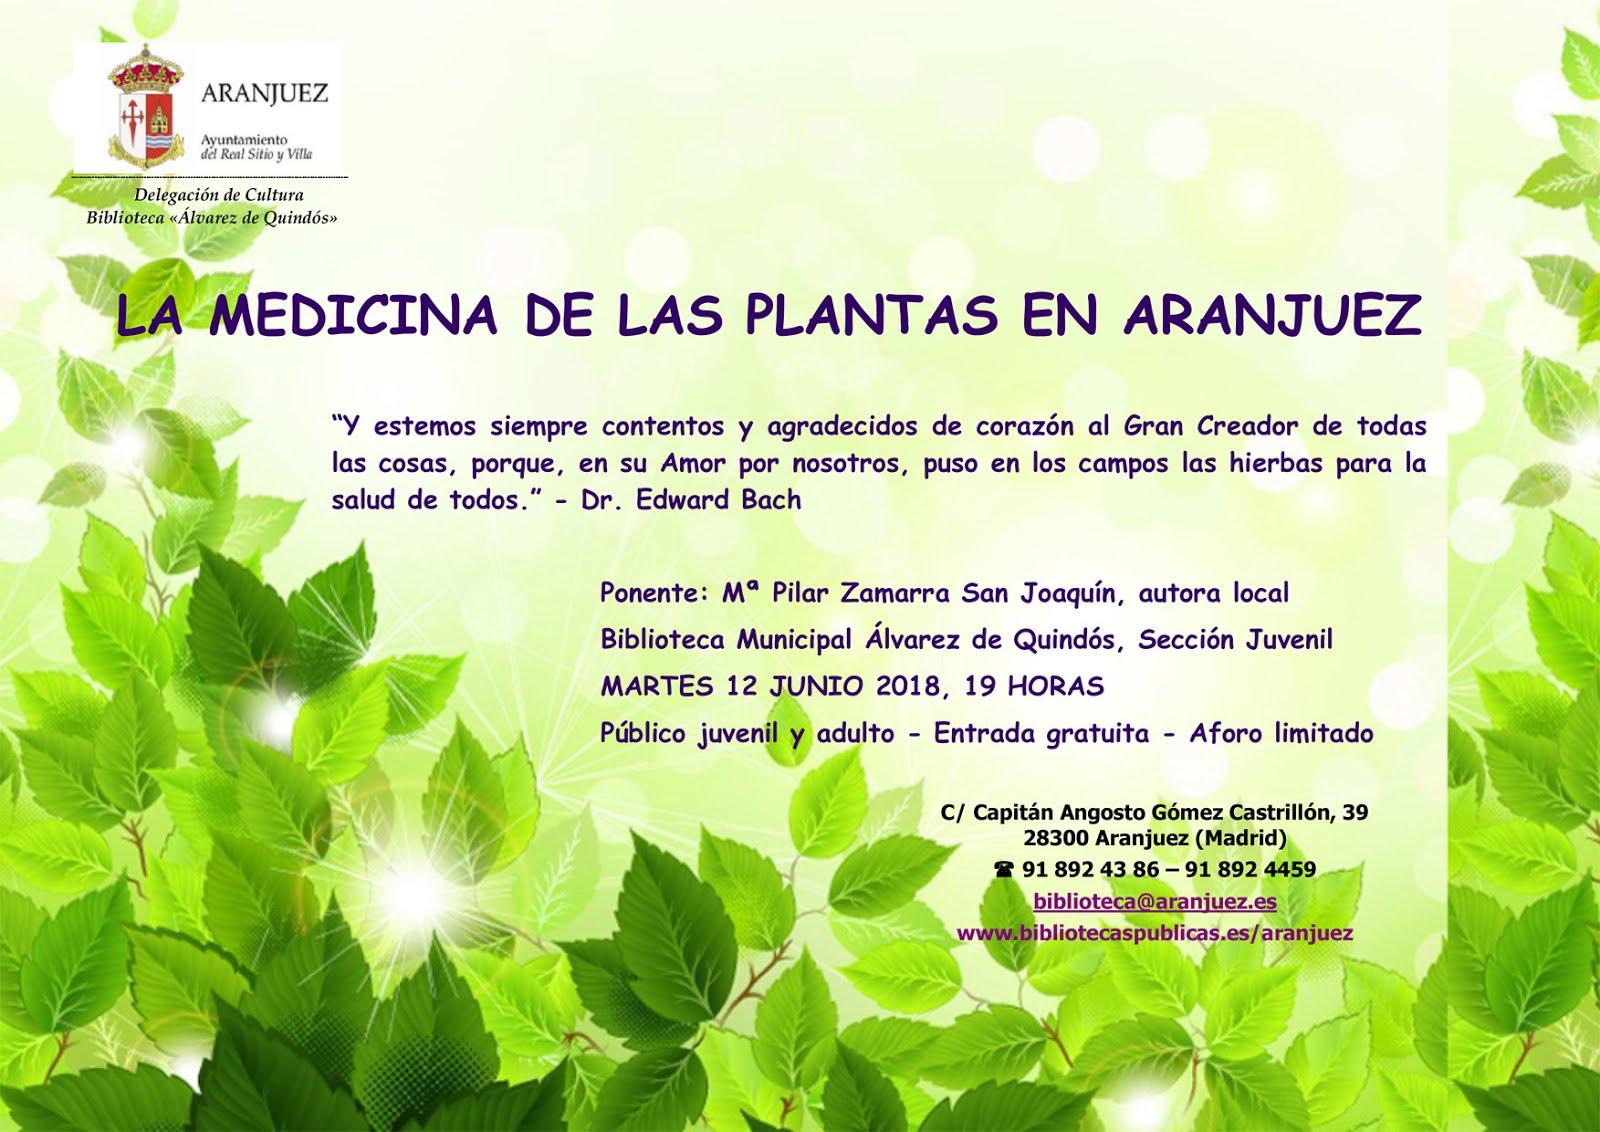 LA MEDICINA DE LAS PLANTAS, EN ARANJUEZ (UN EJEMPLO)